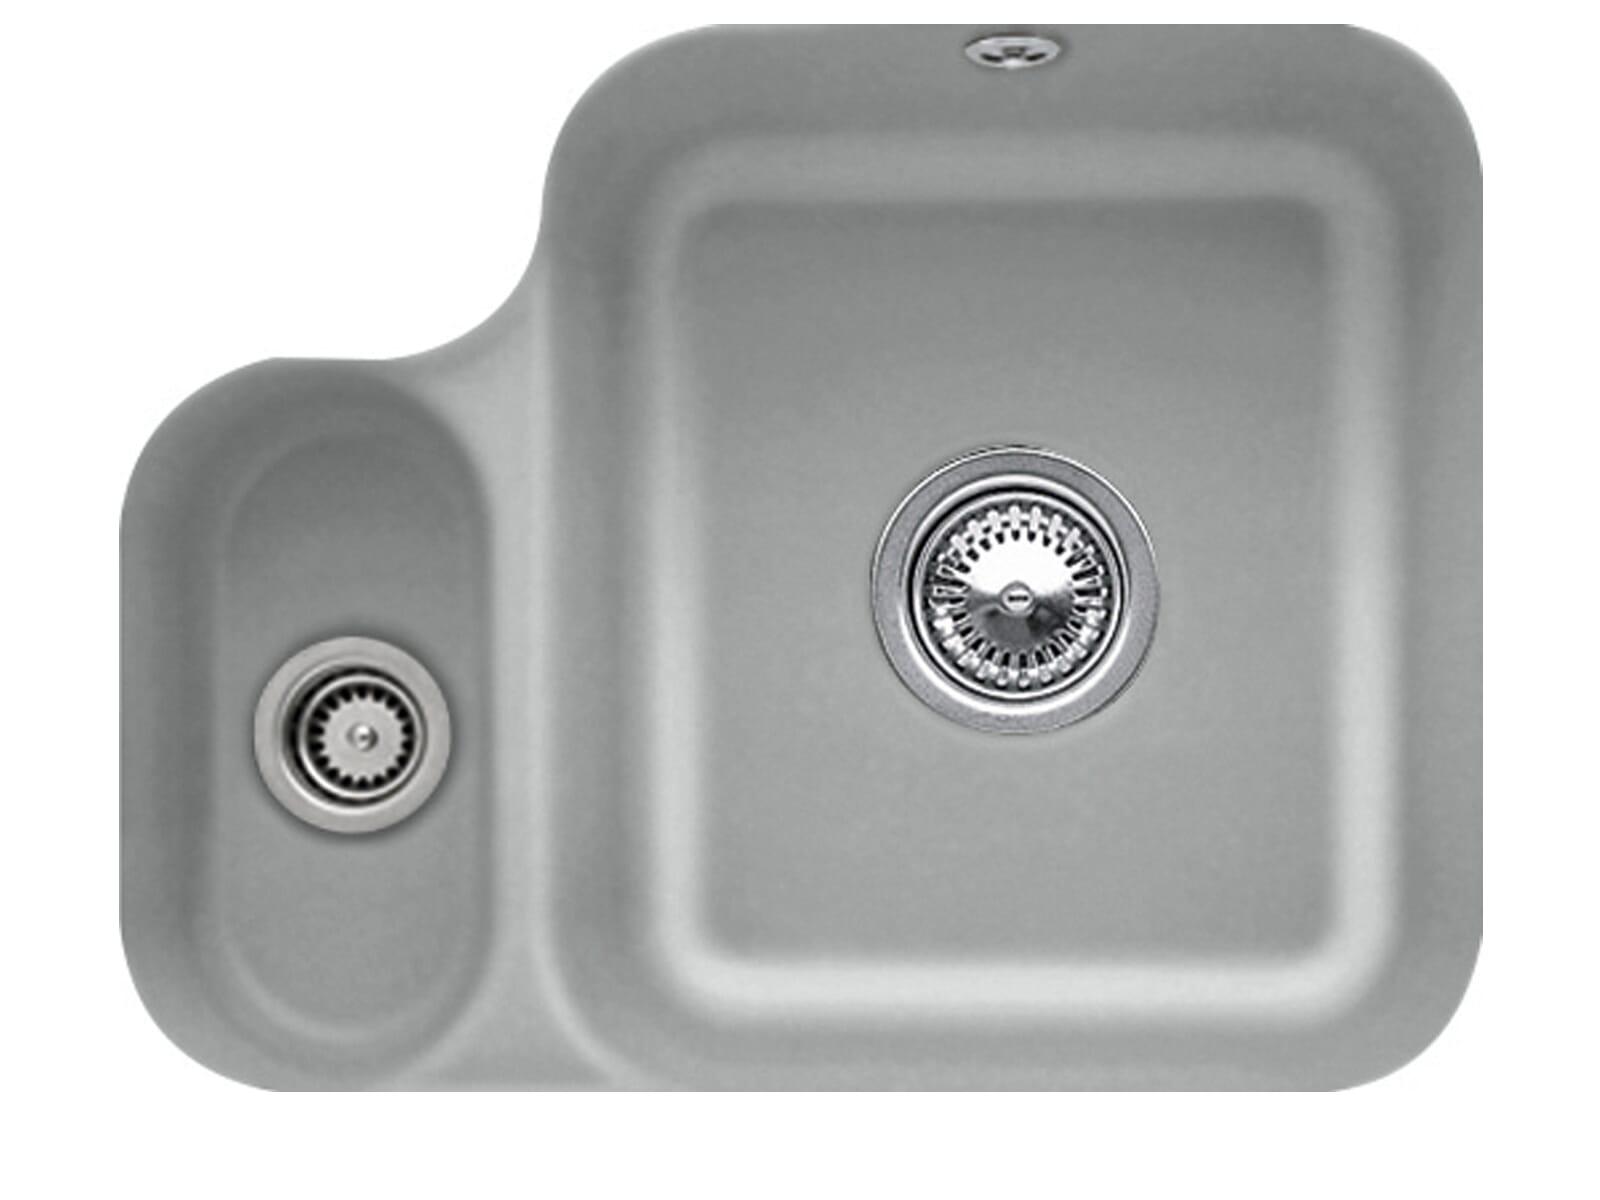 Villeroy & Boch Cisterna 60B Stone - 6702 01 SL Keramikspüle Handbetätigung